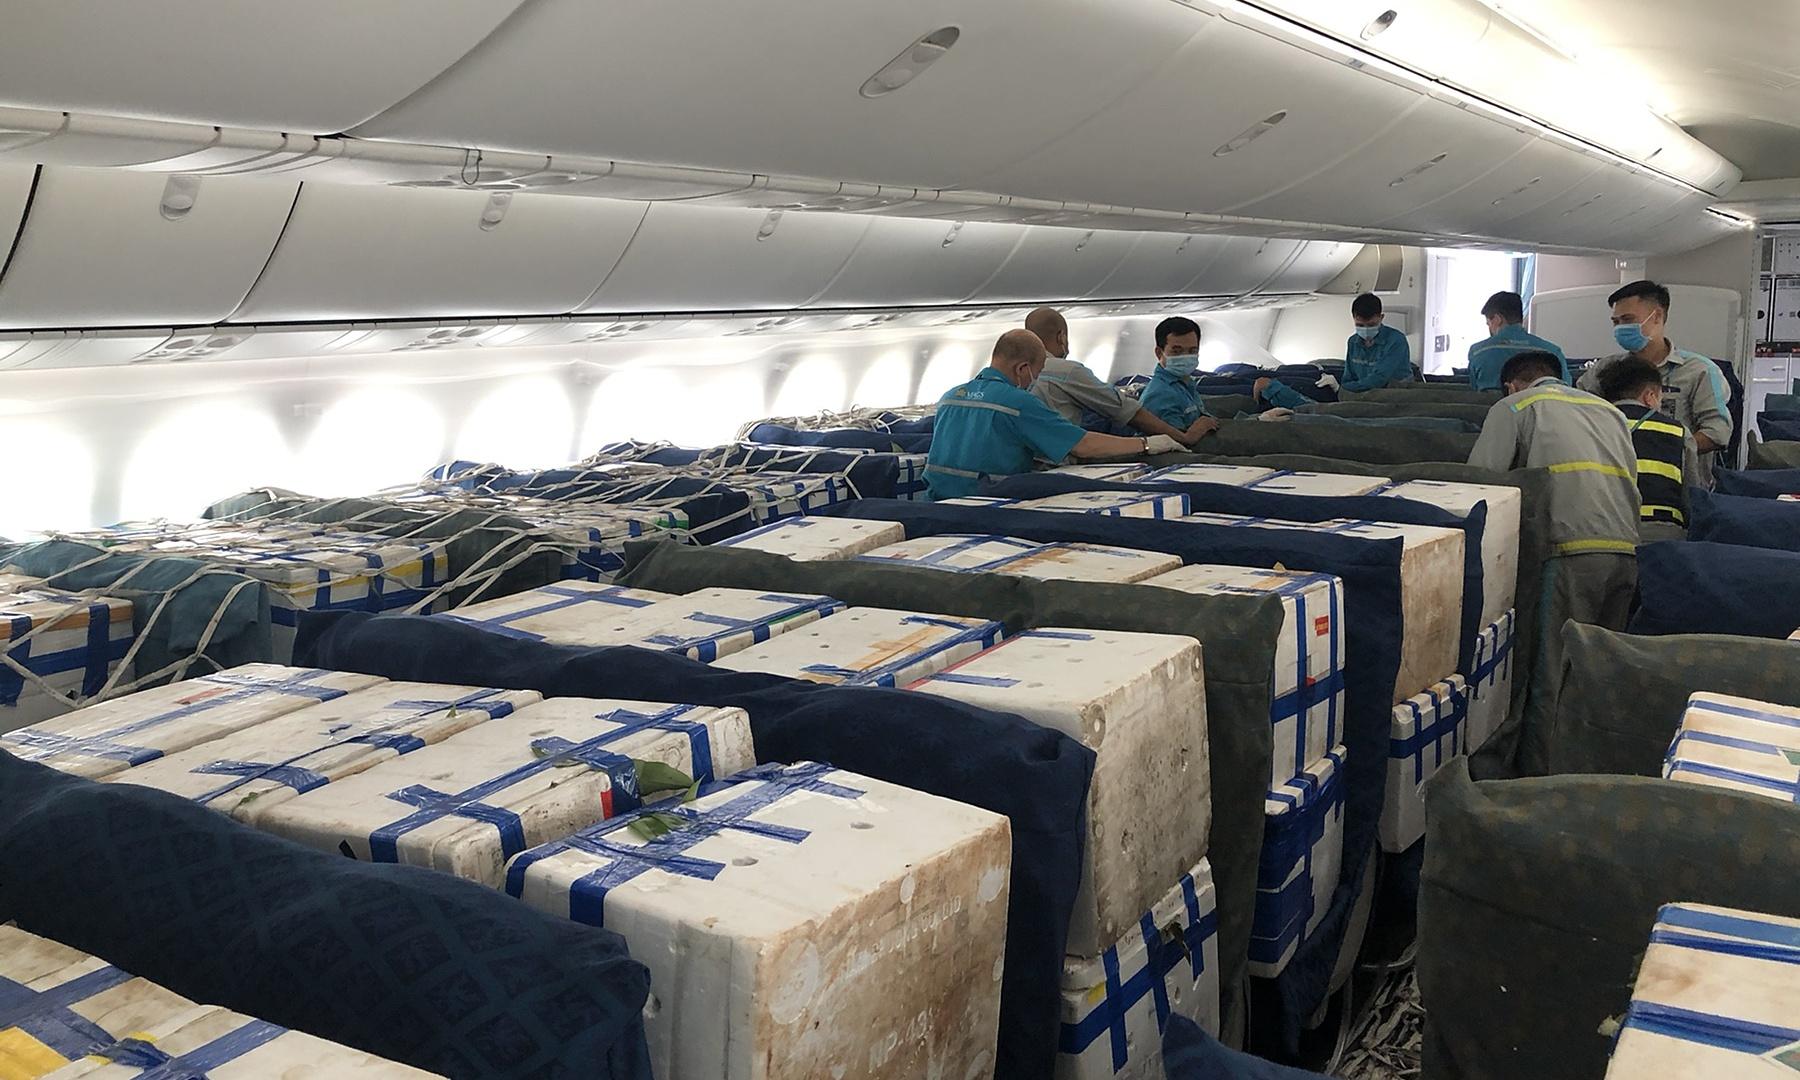 Vải thiều được đặt trong khoang hành khách của máy bay Boeing 787-9. Ảnh: VNA